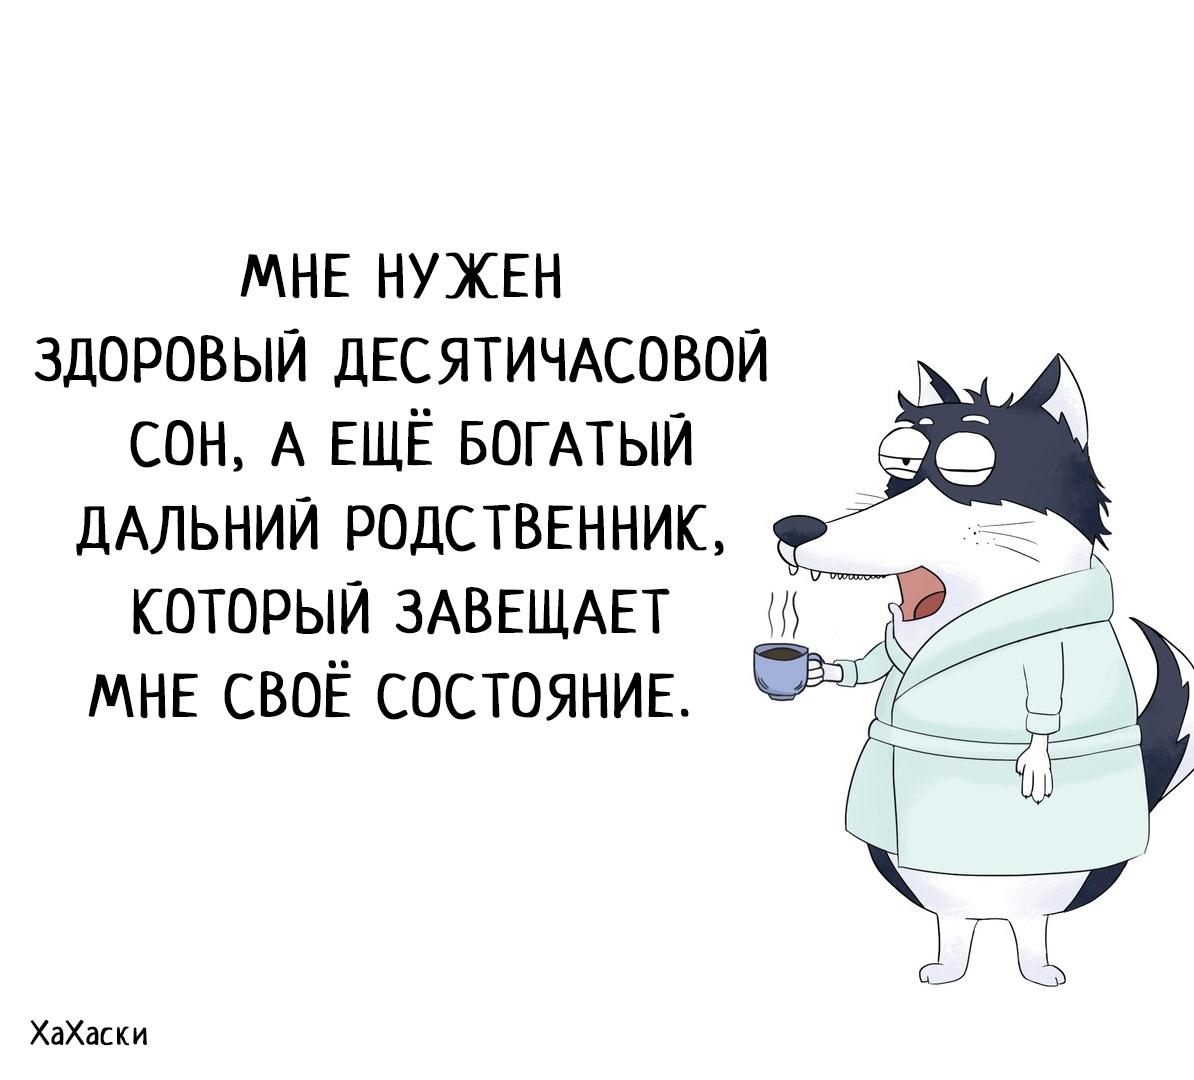 https://pp.userapi.com/c852024/v852024983/1214d/Kiez6MEKpIM.jpg